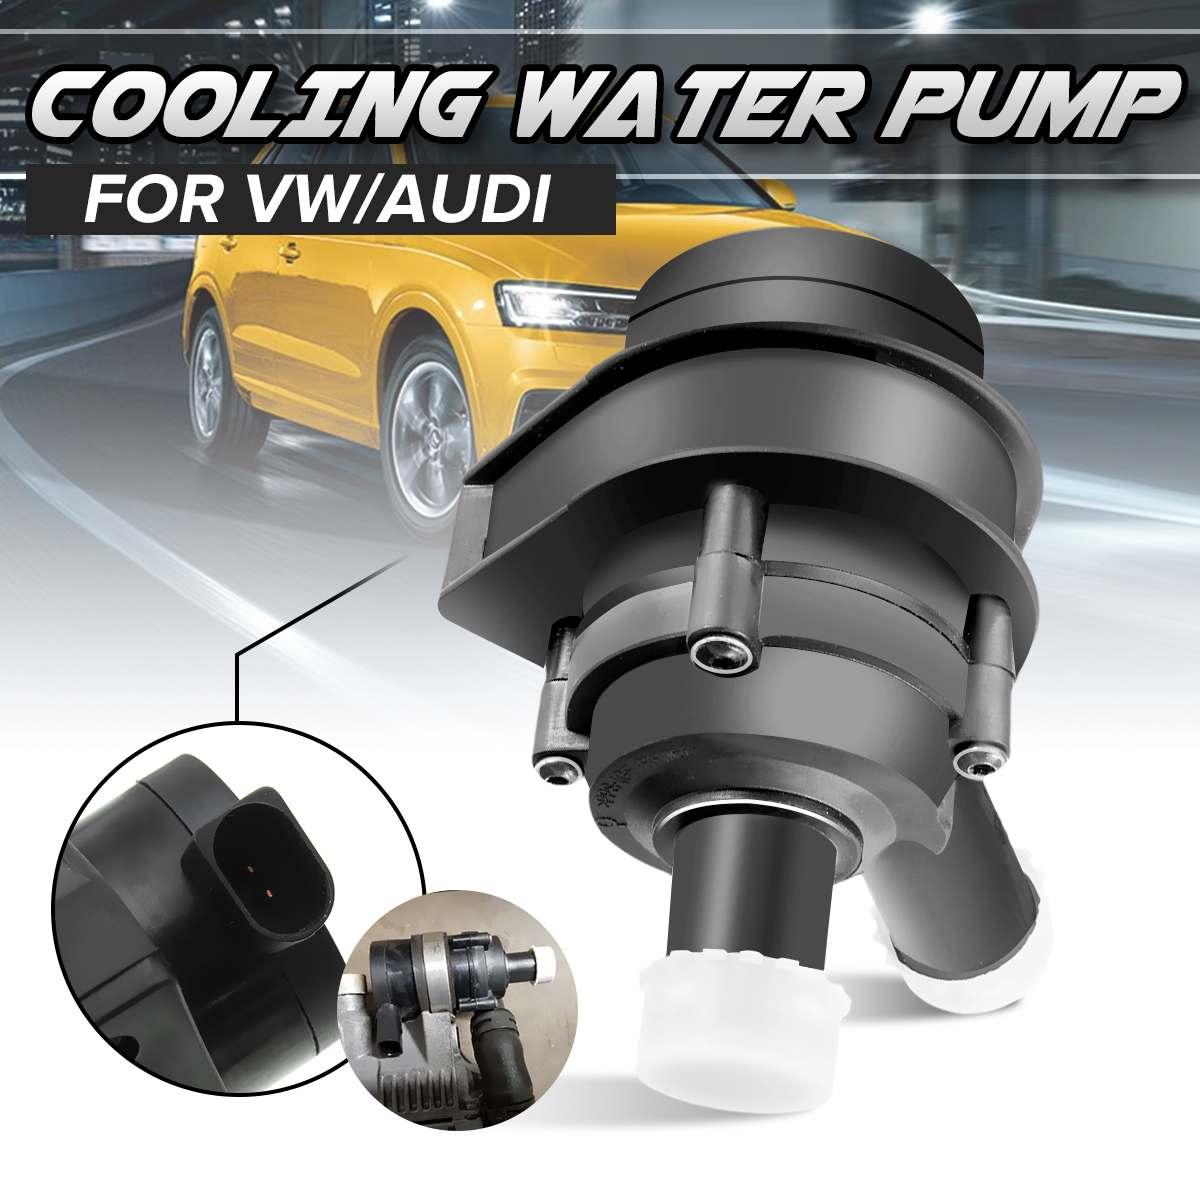 Voiture moteur refroidissement supplémentaire pompe à eau auxiliaire 1K0965561J 1K0 965 561 J pour VW Passat B5 B6 Jetta Golf CC pour Audi A3